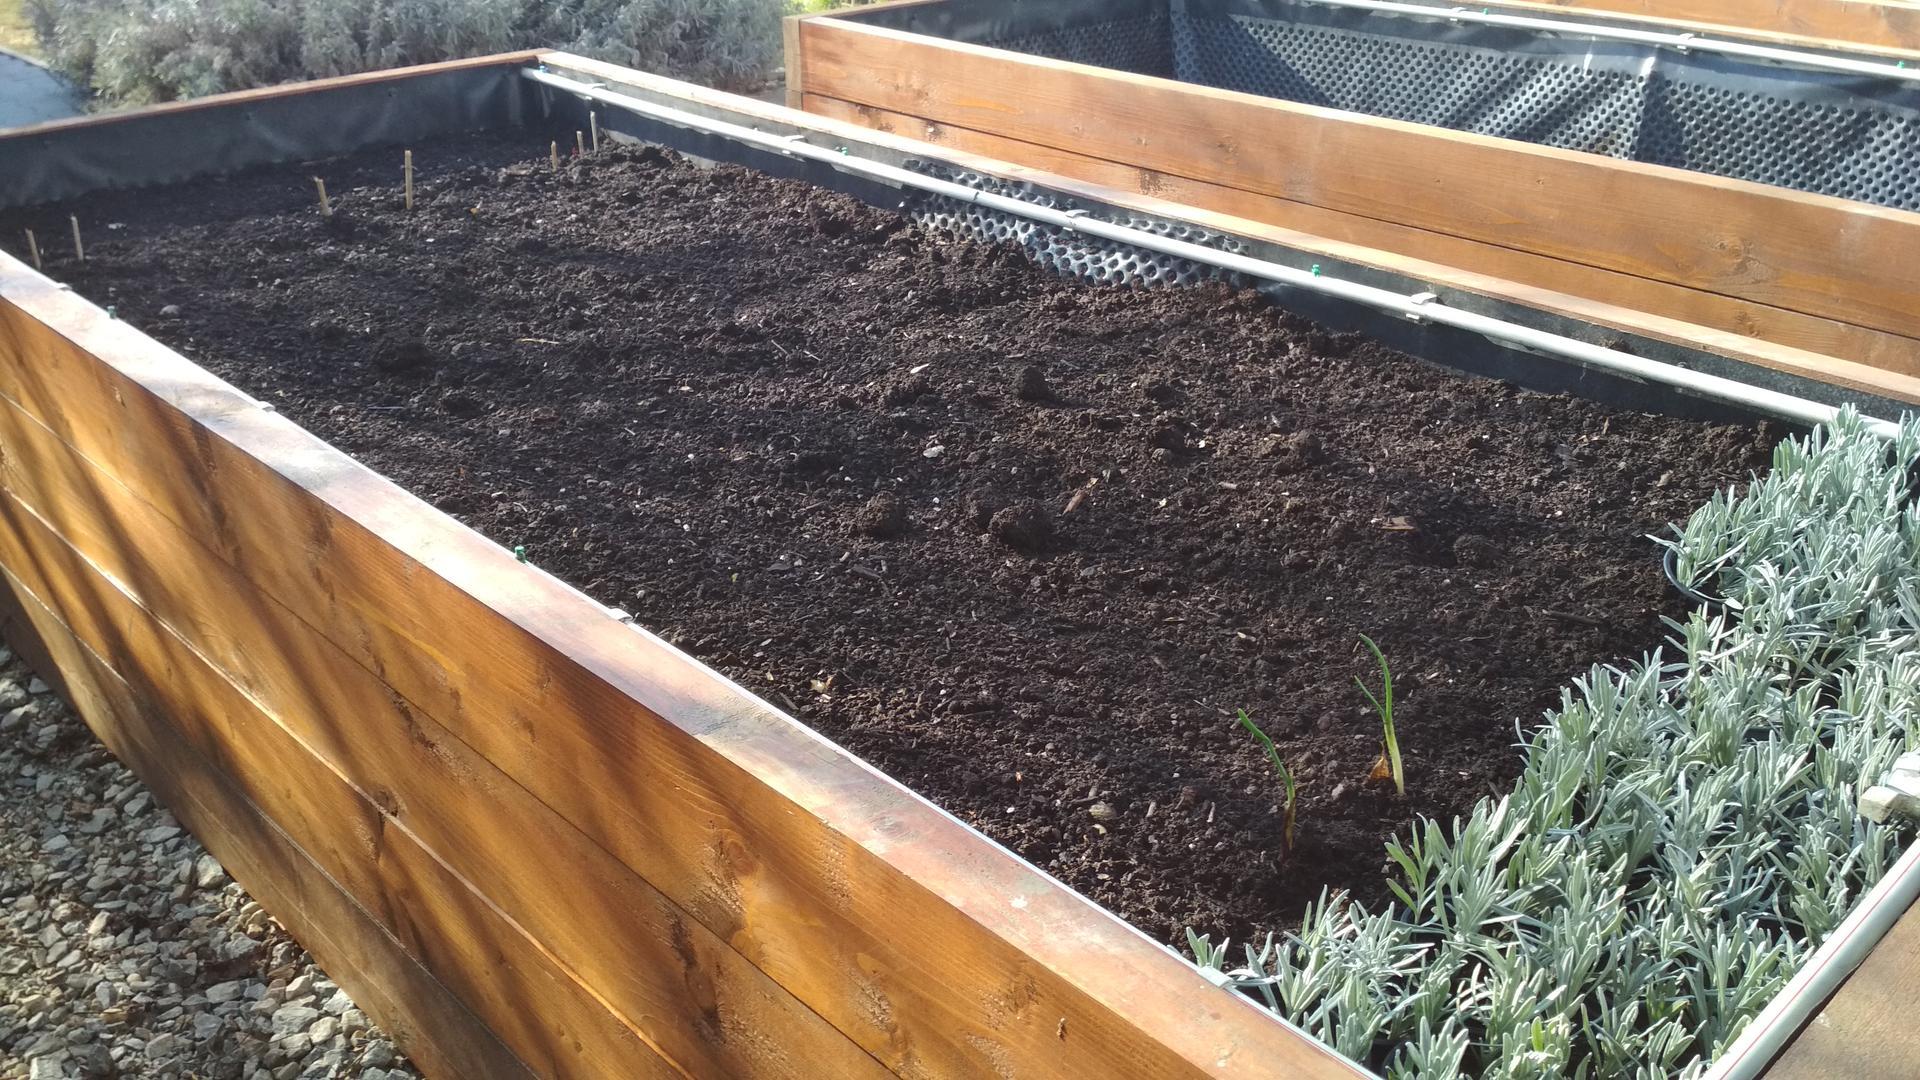 Vyvýšené záhony a úžitková záhrada - sezóna 2021 ... príprava, sadenie, starostlivosť - Obrázok č. 28